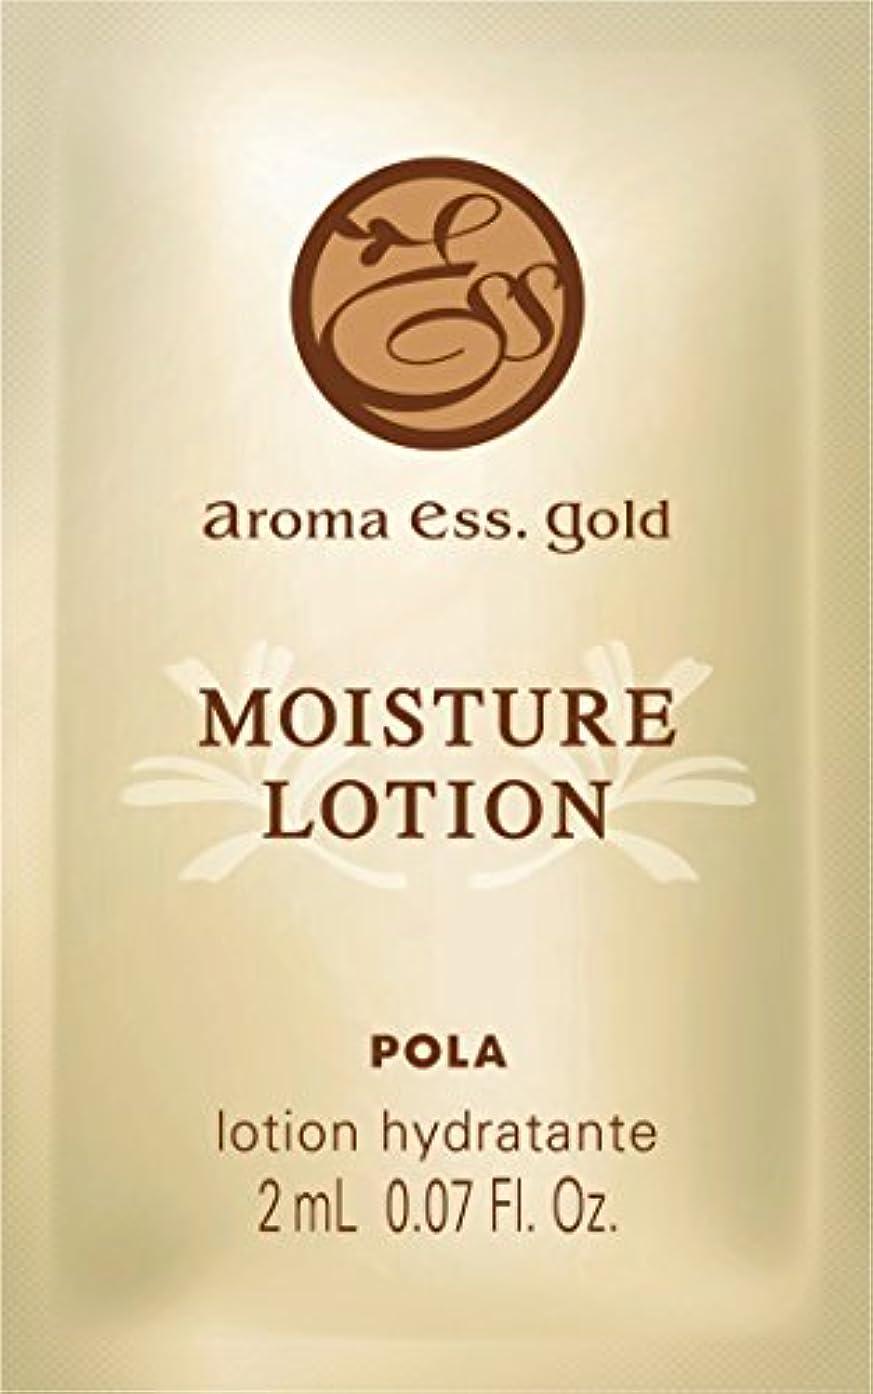 組み合わせる薄める前者POLA アロマエッセゴールド モイスチャーローション 化粧水 個包装タイプ 2mL×100包